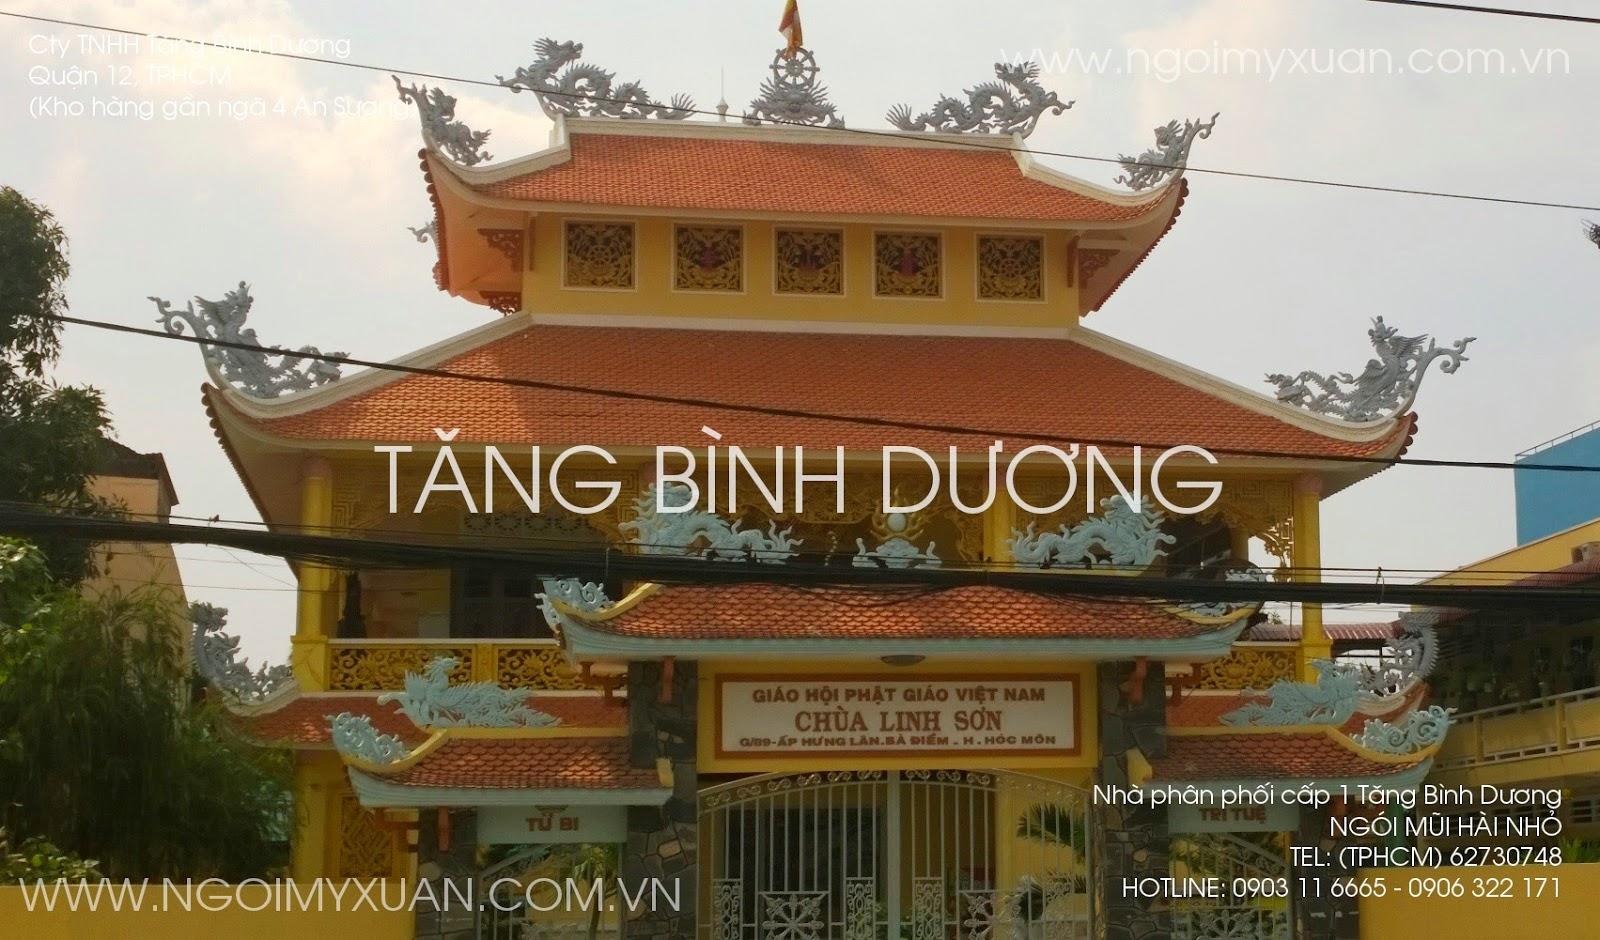 Mái chùa truyền thống lợp ngói mũi hài nhỏ